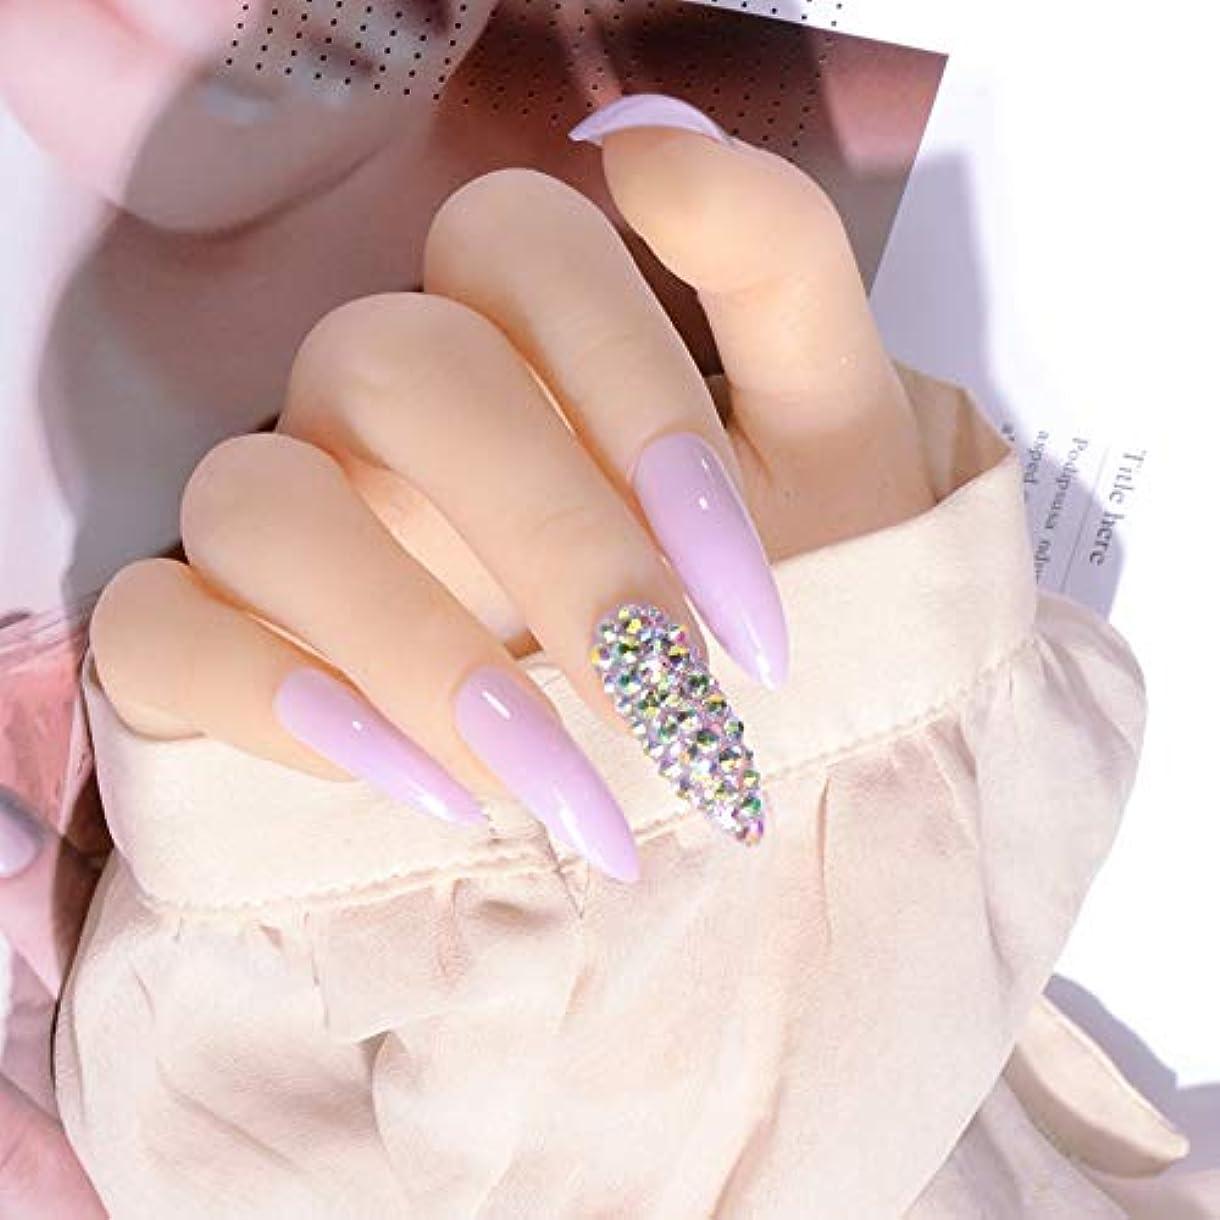 指紋日記習慣XUTXZKA 紫の爪ネイルヴェール偽の爪に長い光沢のあるプレス